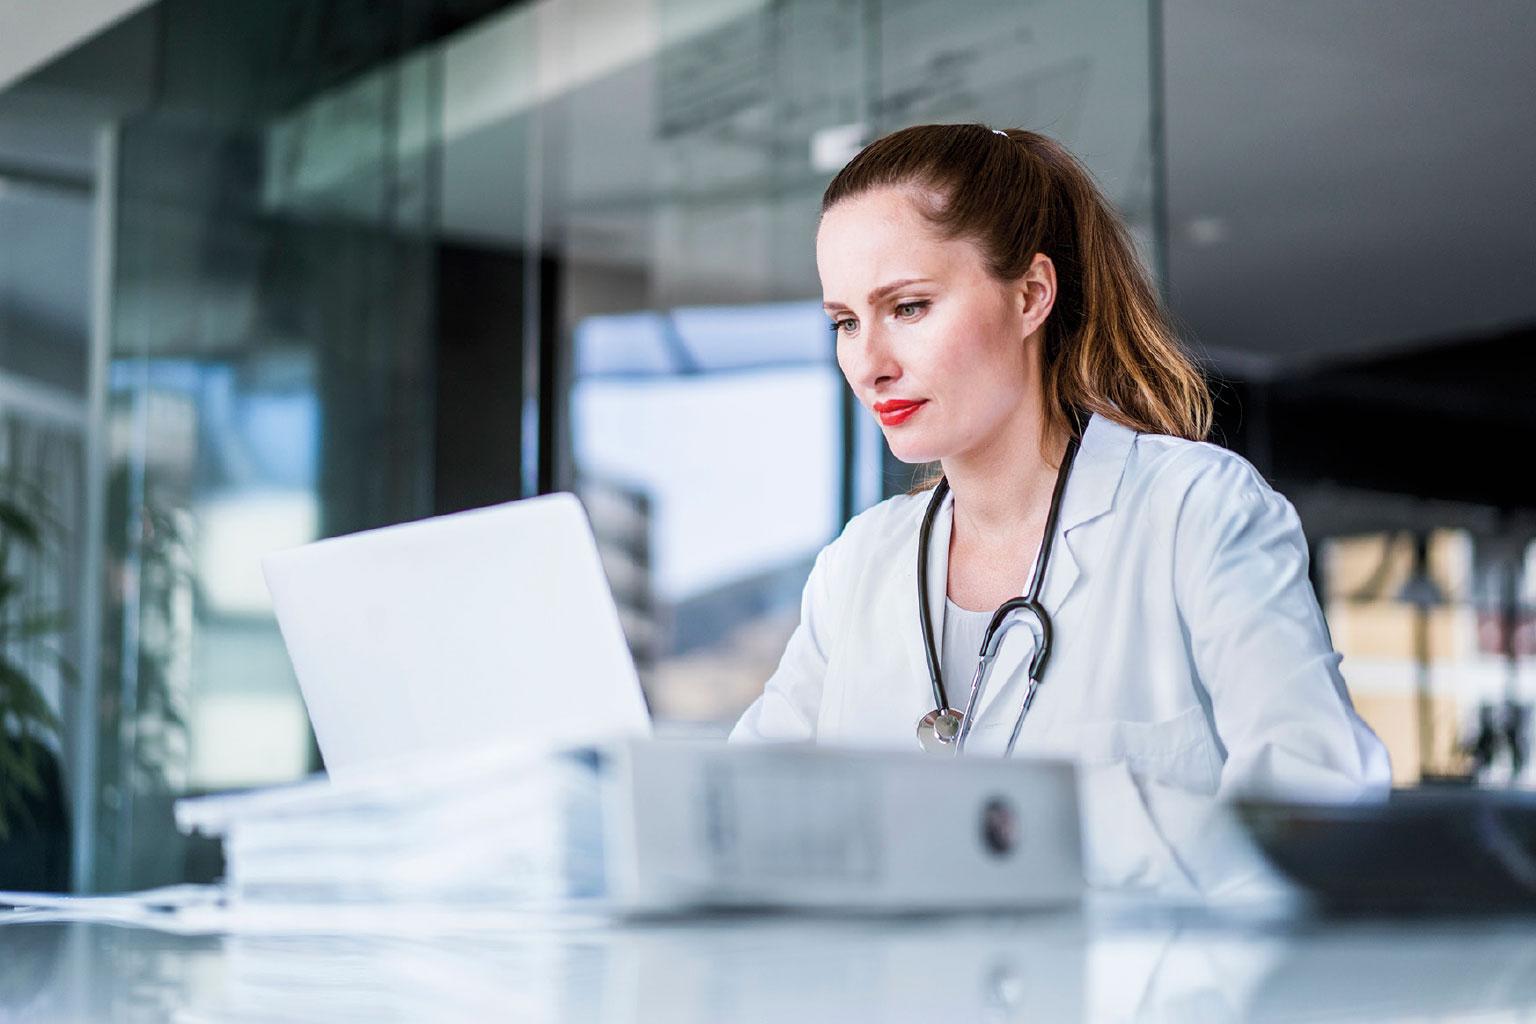 Młoda lekarka przeglądająca dokumenty i pracująca z LEX